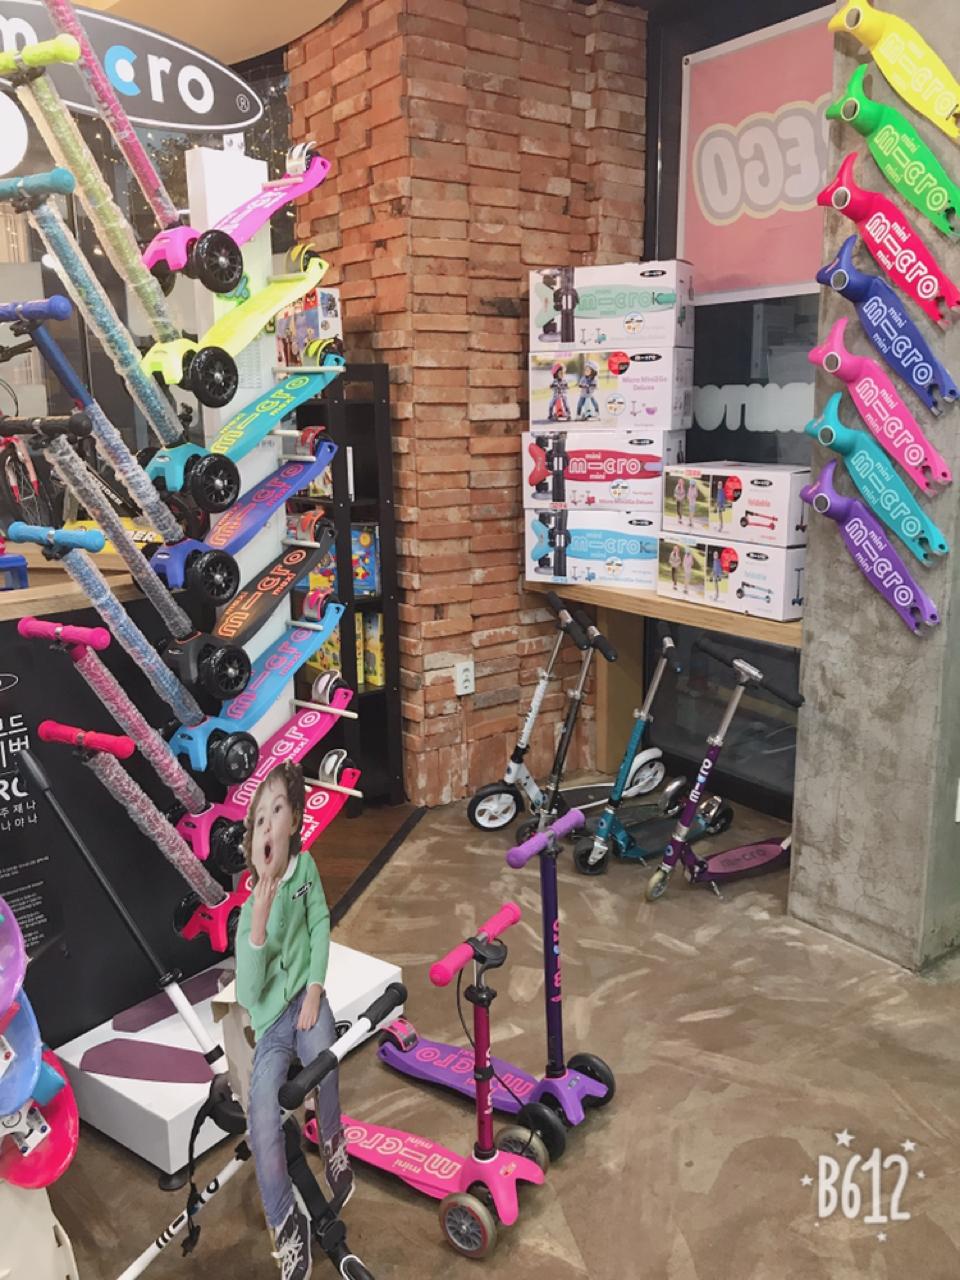 판교동 스포츠용품, 장난감 할인 매장 팜토이